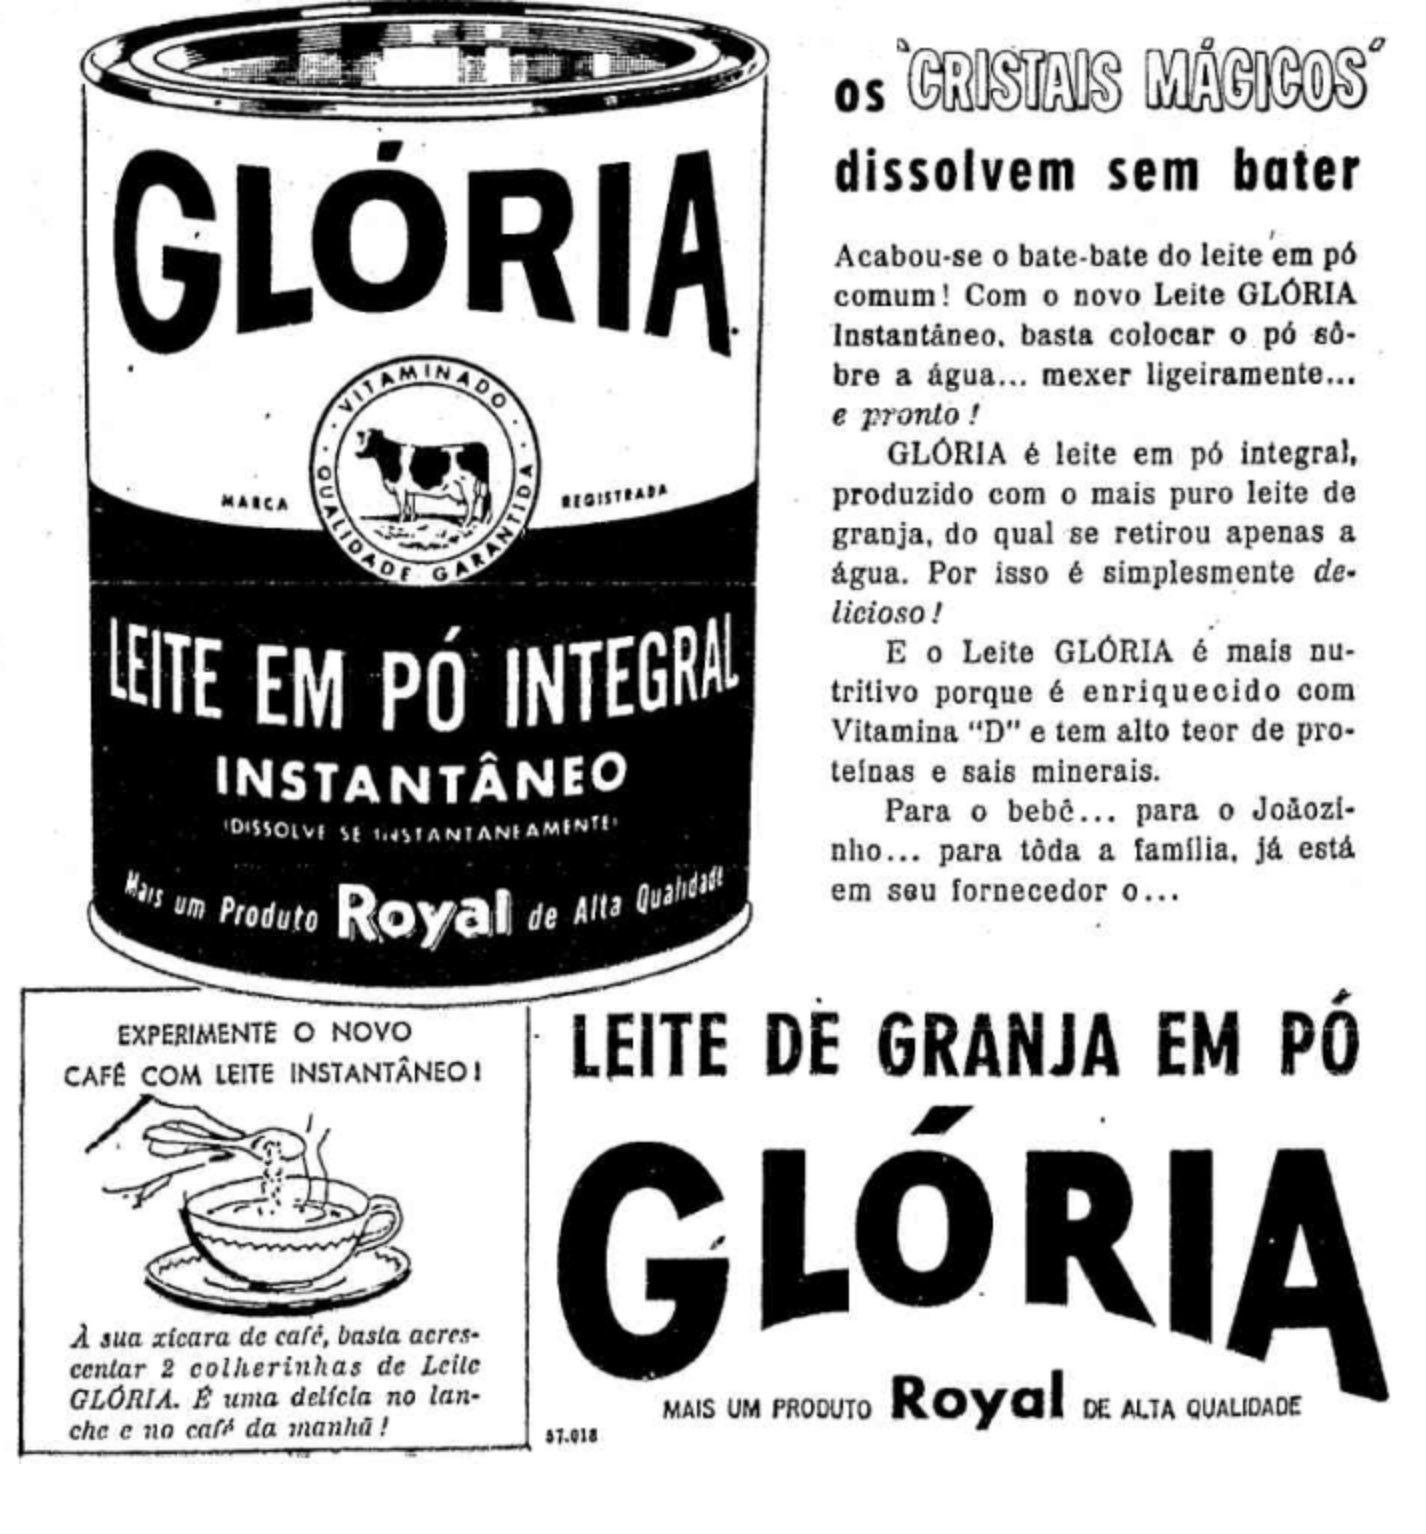 Anúncio veiculado em 1960 promovia o lançamento do Leite em Pó Glória